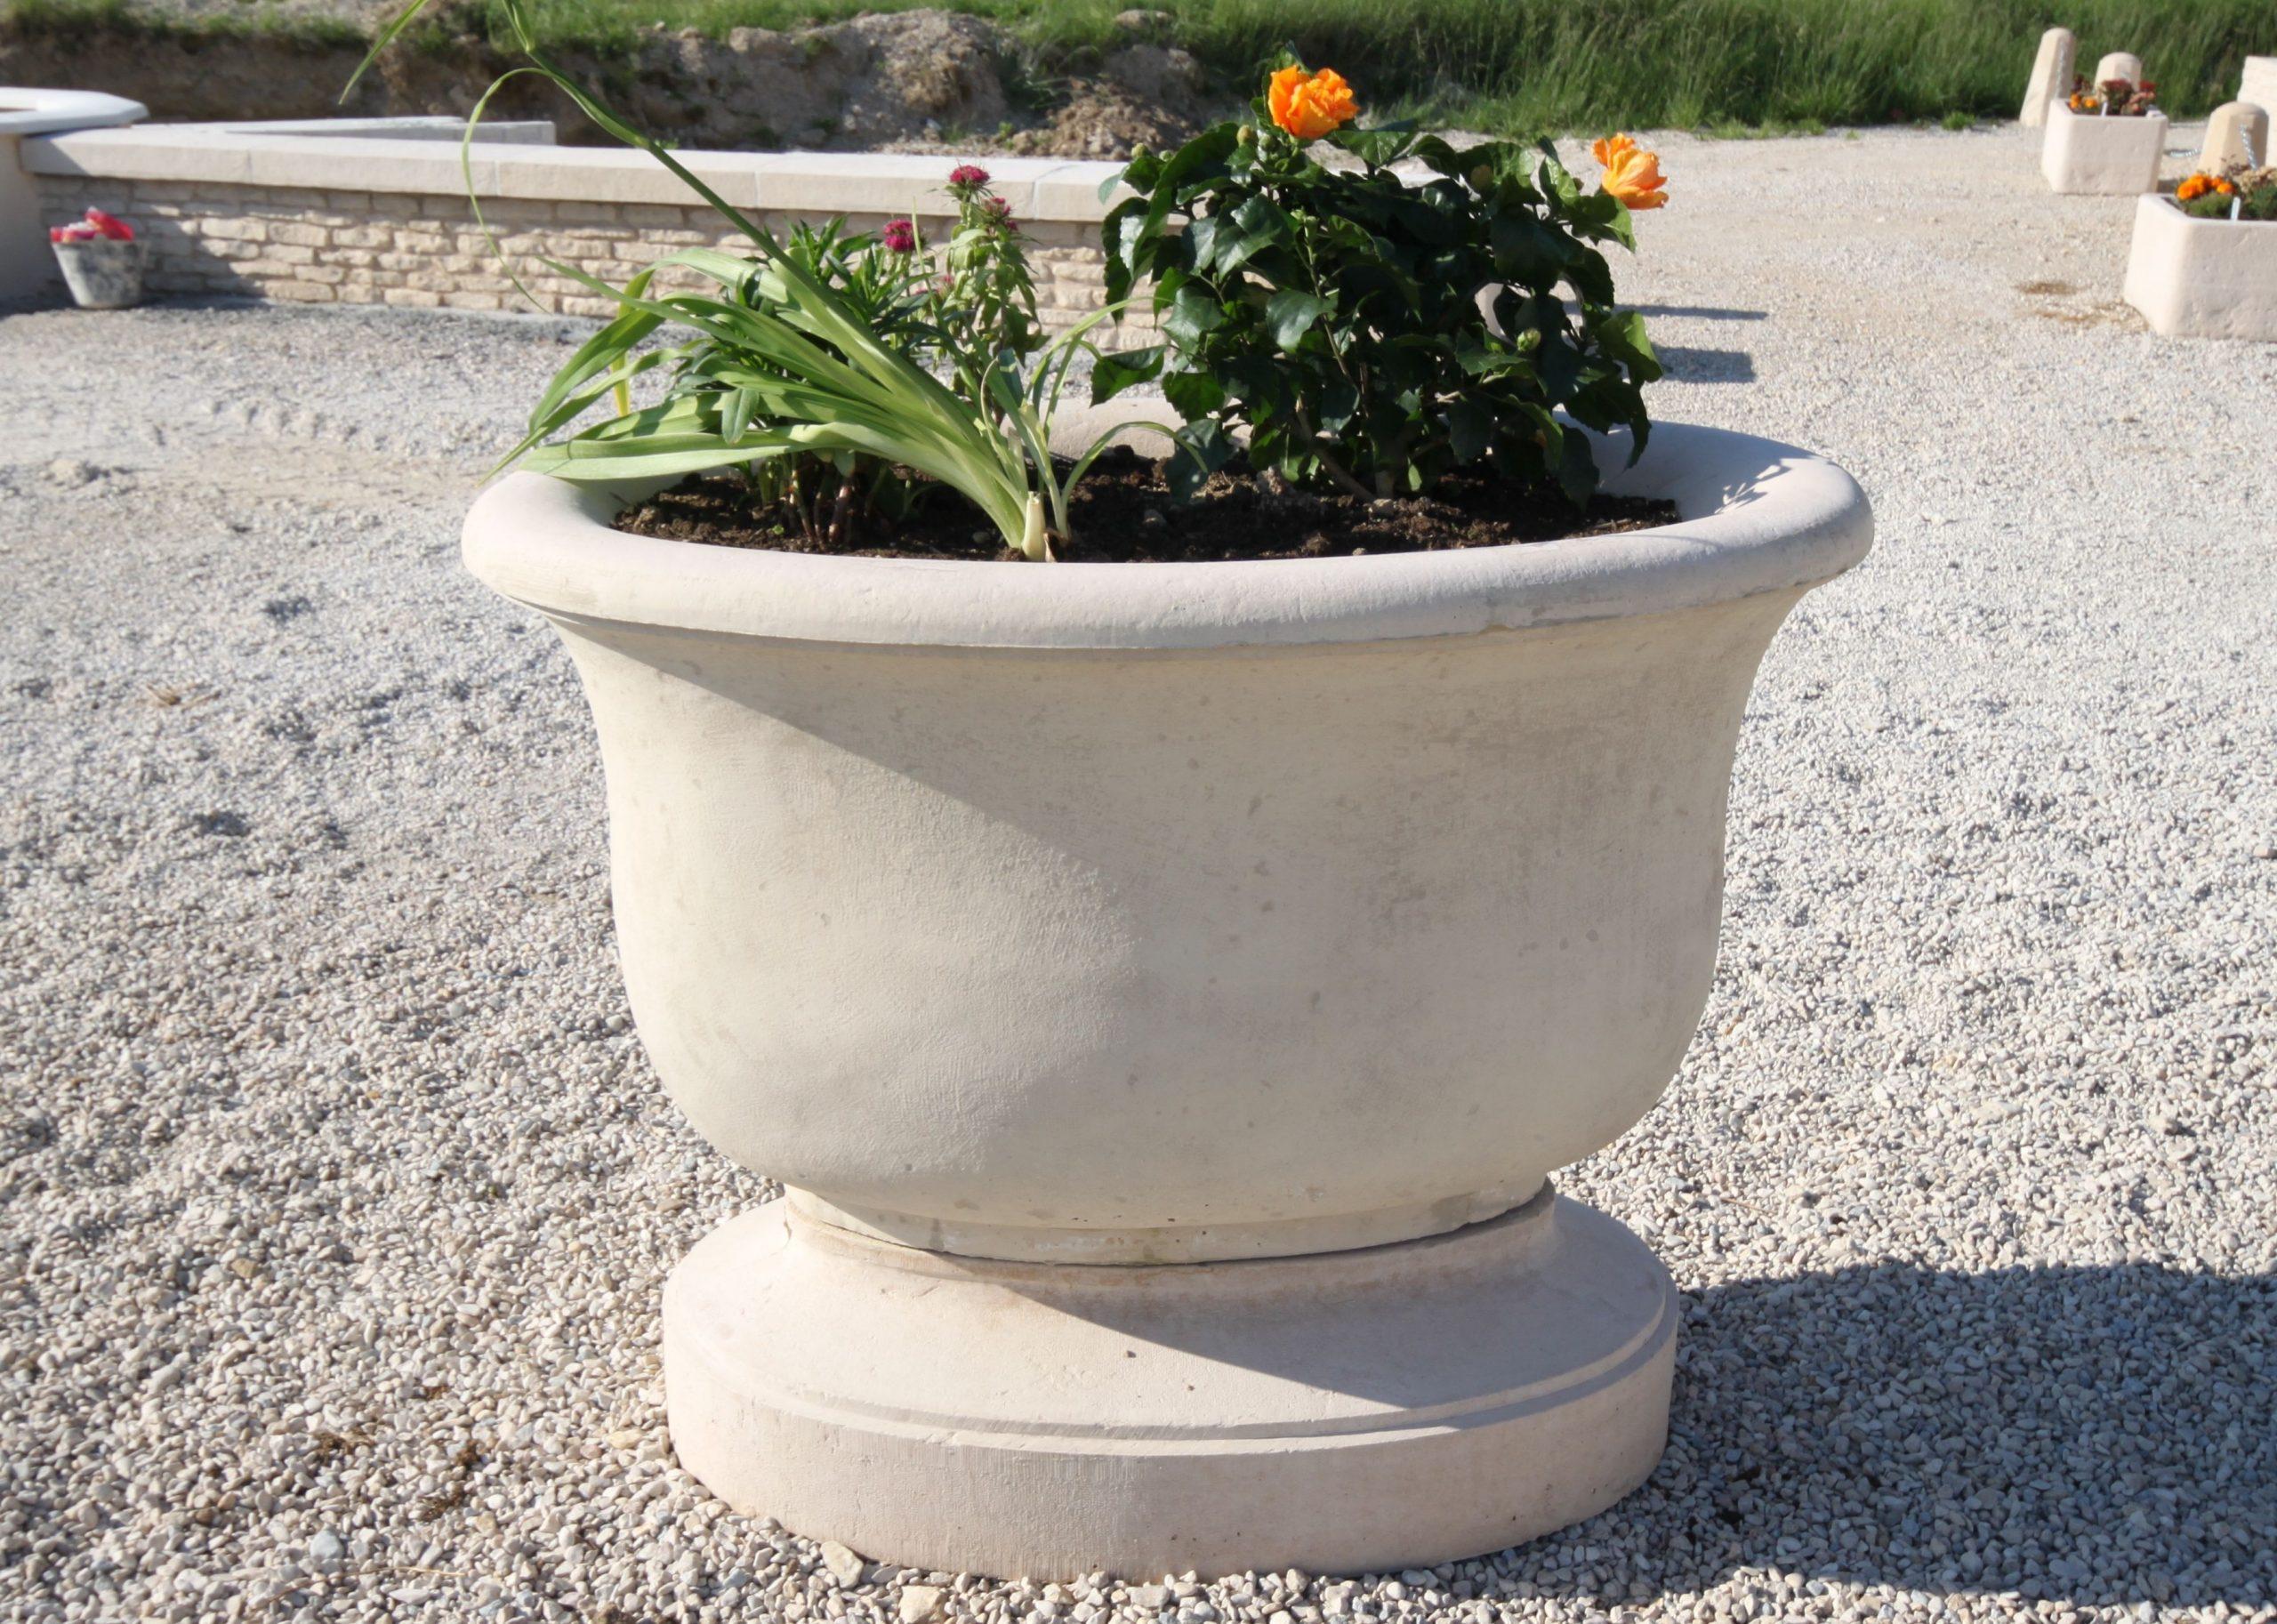 Épinglé Sur Vasques De Jardin En Pierre Reconstituée concernant Vasque Jardin Pierre